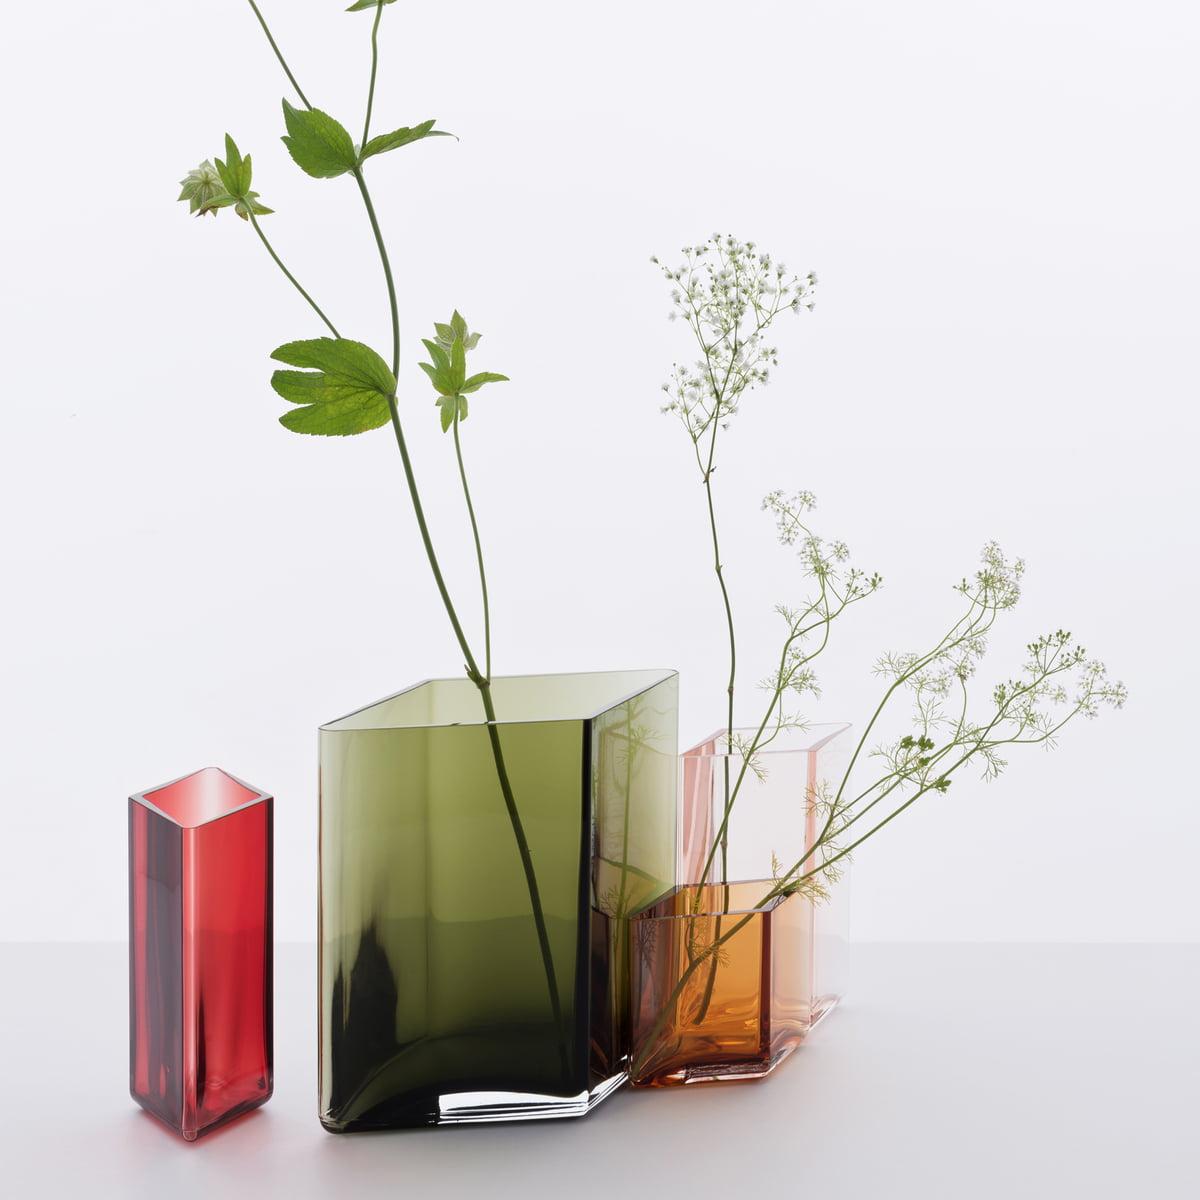 ruutu vase 115 mm by iittala. Black Bedroom Furniture Sets. Home Design Ideas